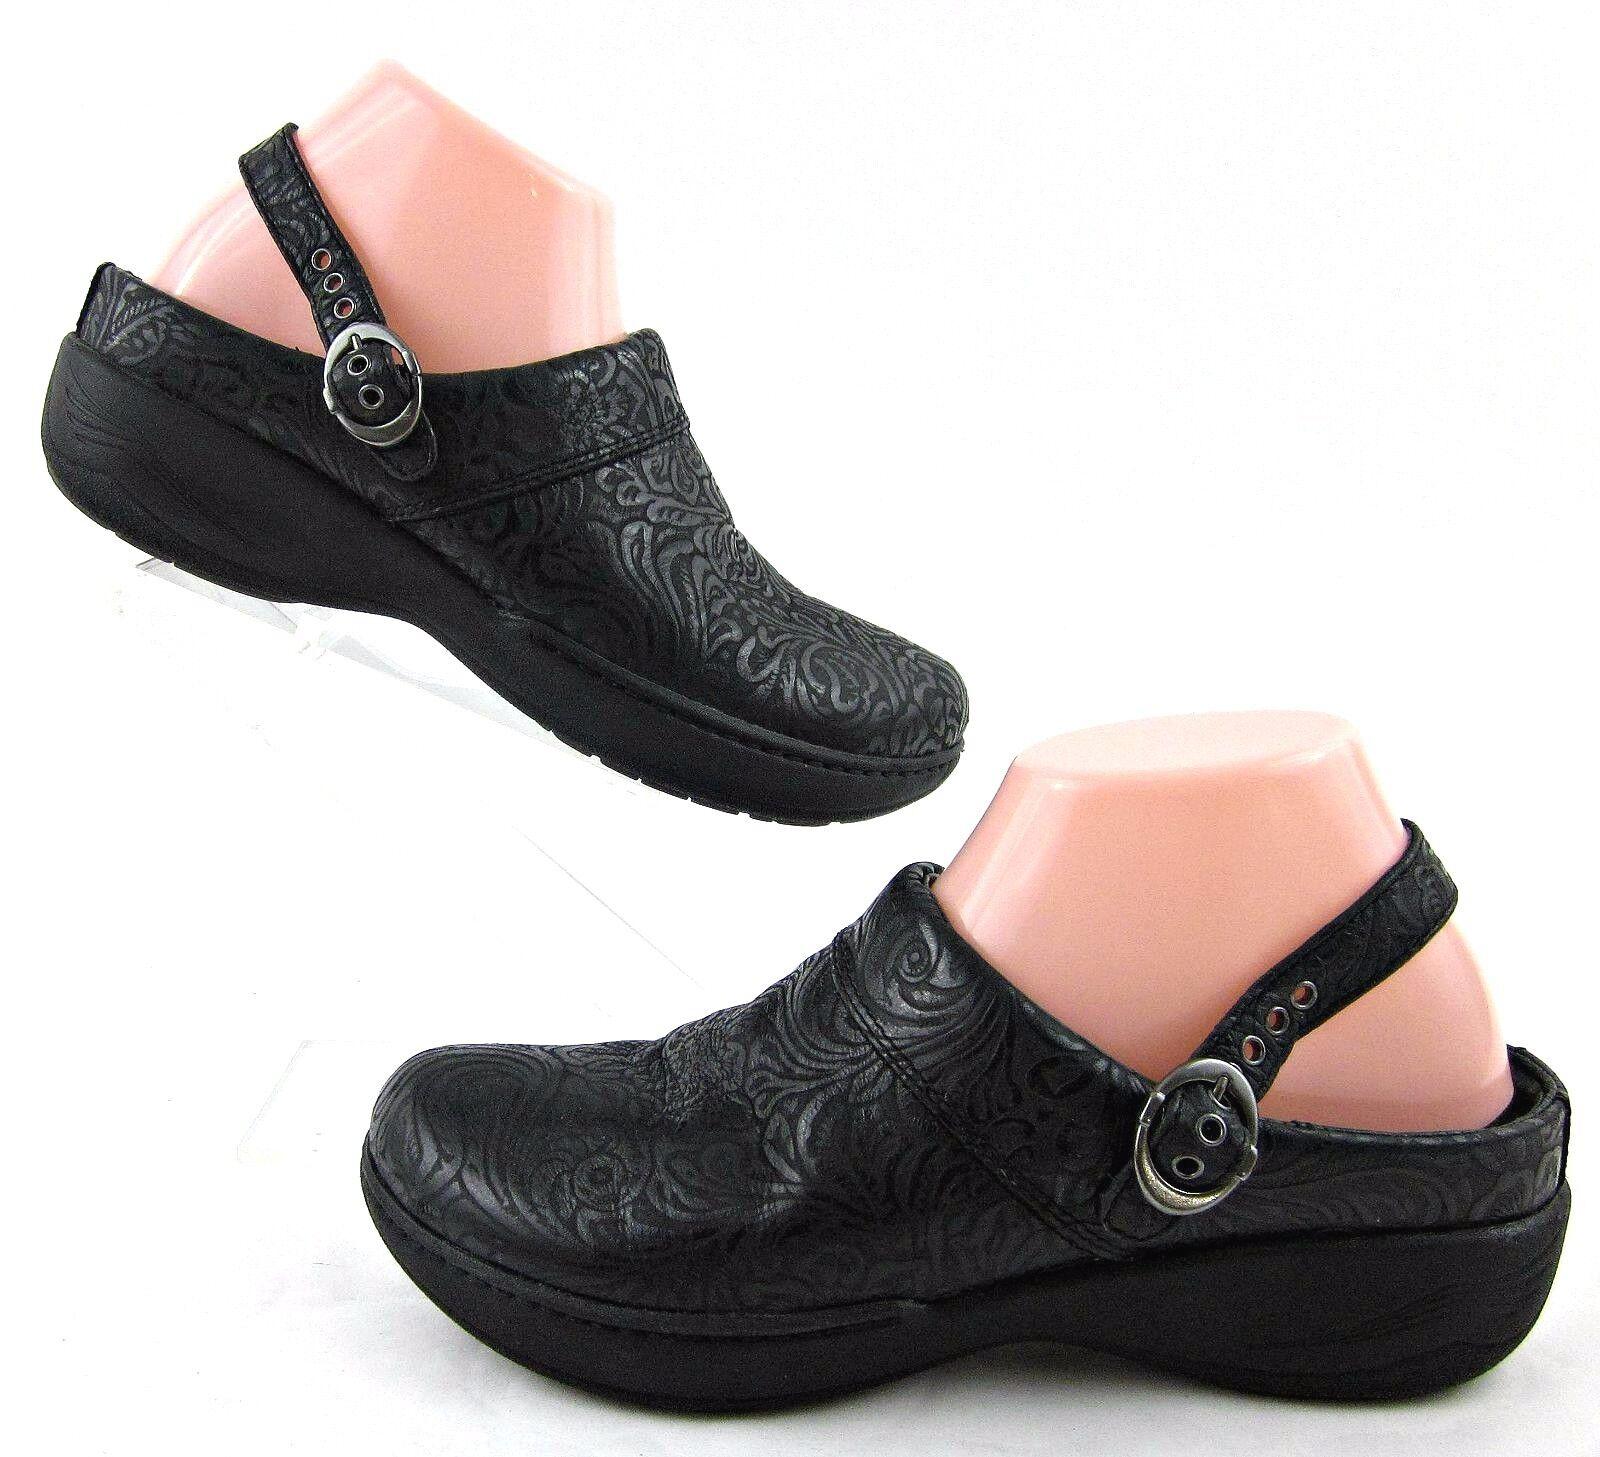 Dansko Slide Congreenible Strap Clogs Black Embossed Embossed Embossed Leather EU 38   US 7.5-8 541290